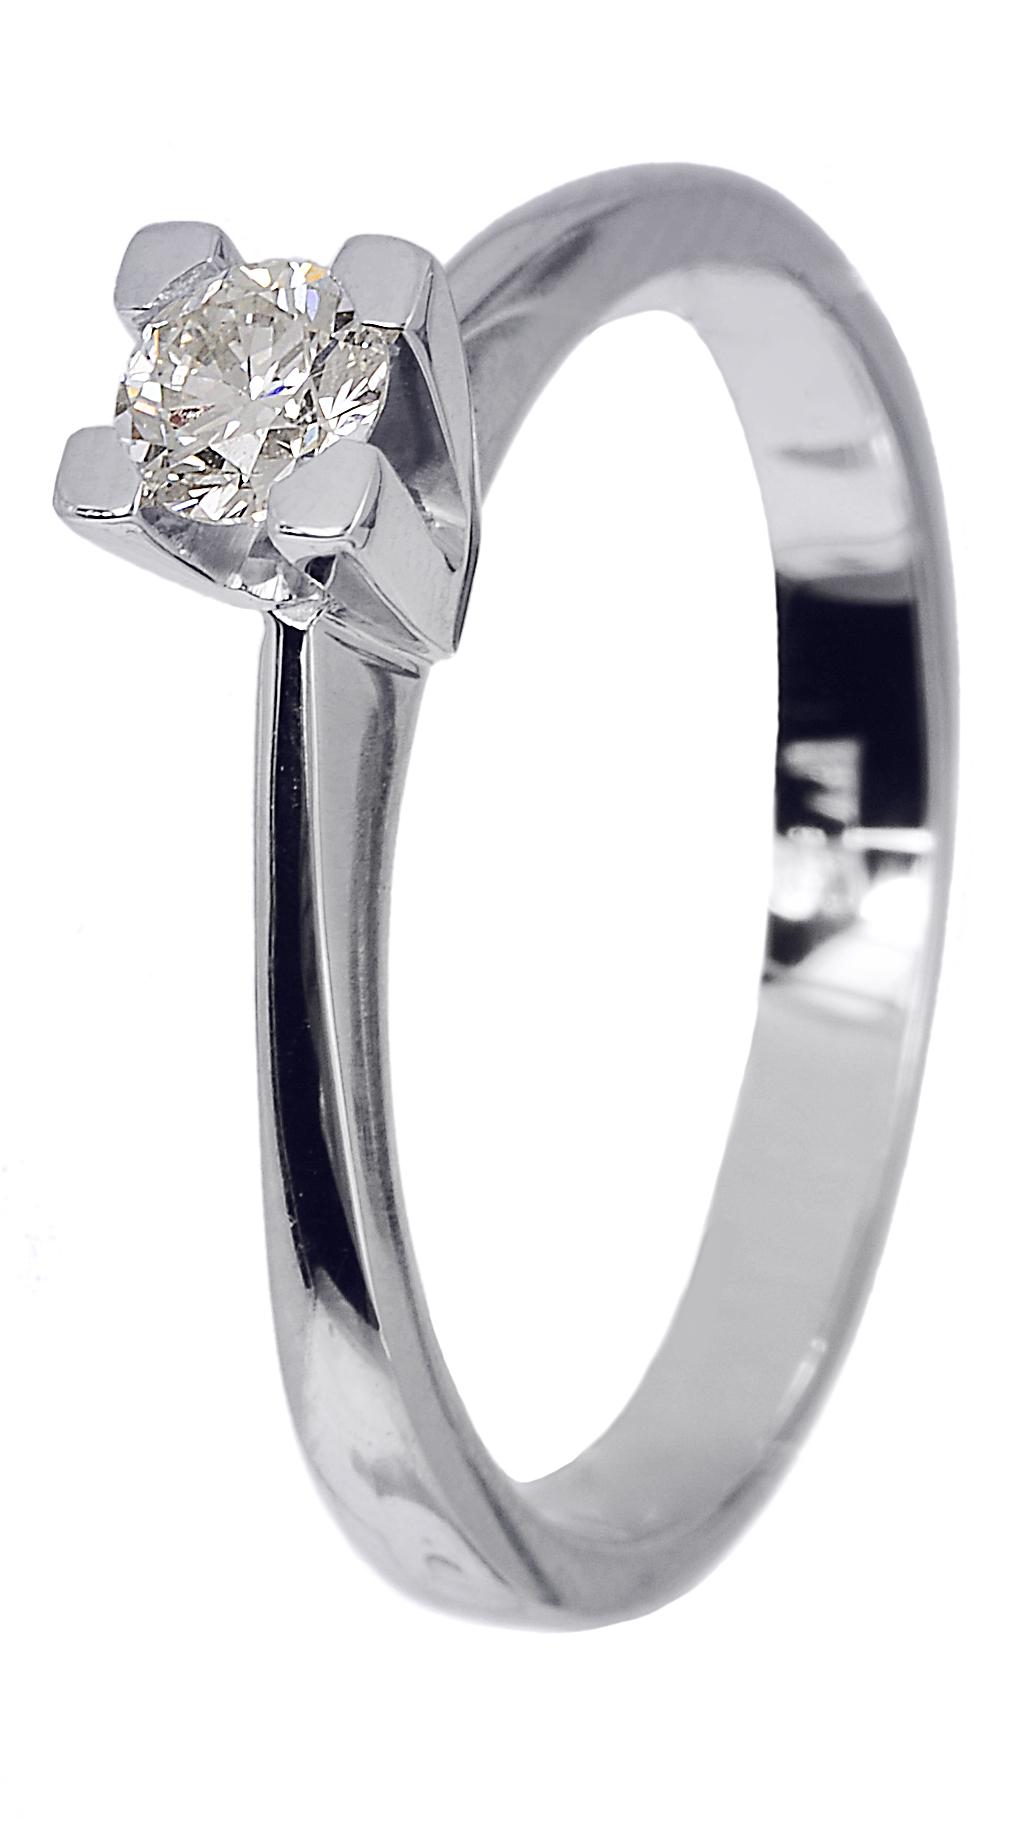 Μονόπετρο δαχτυλίδι αρραβώνα με μπριγιάν D018740 - Dimasis.gr e194d4aaa43